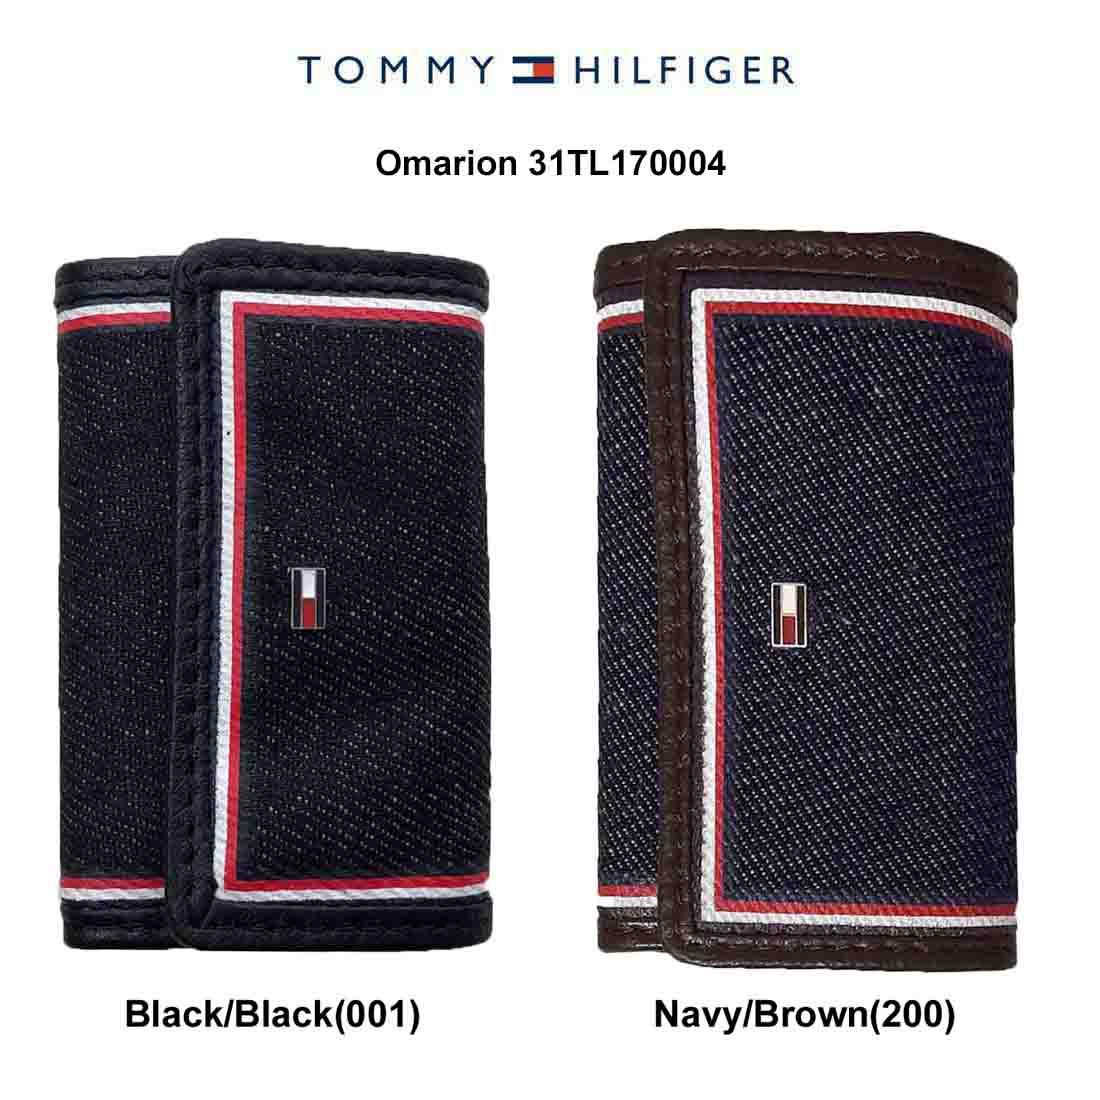 送料無料 プレゼント ギフトにおすすめ 商店 TOMMY HILFIGER トミーヒルフィガー キーケース モデル着用&注目アイテム Omarion デニム キーホルダー 31TL170004